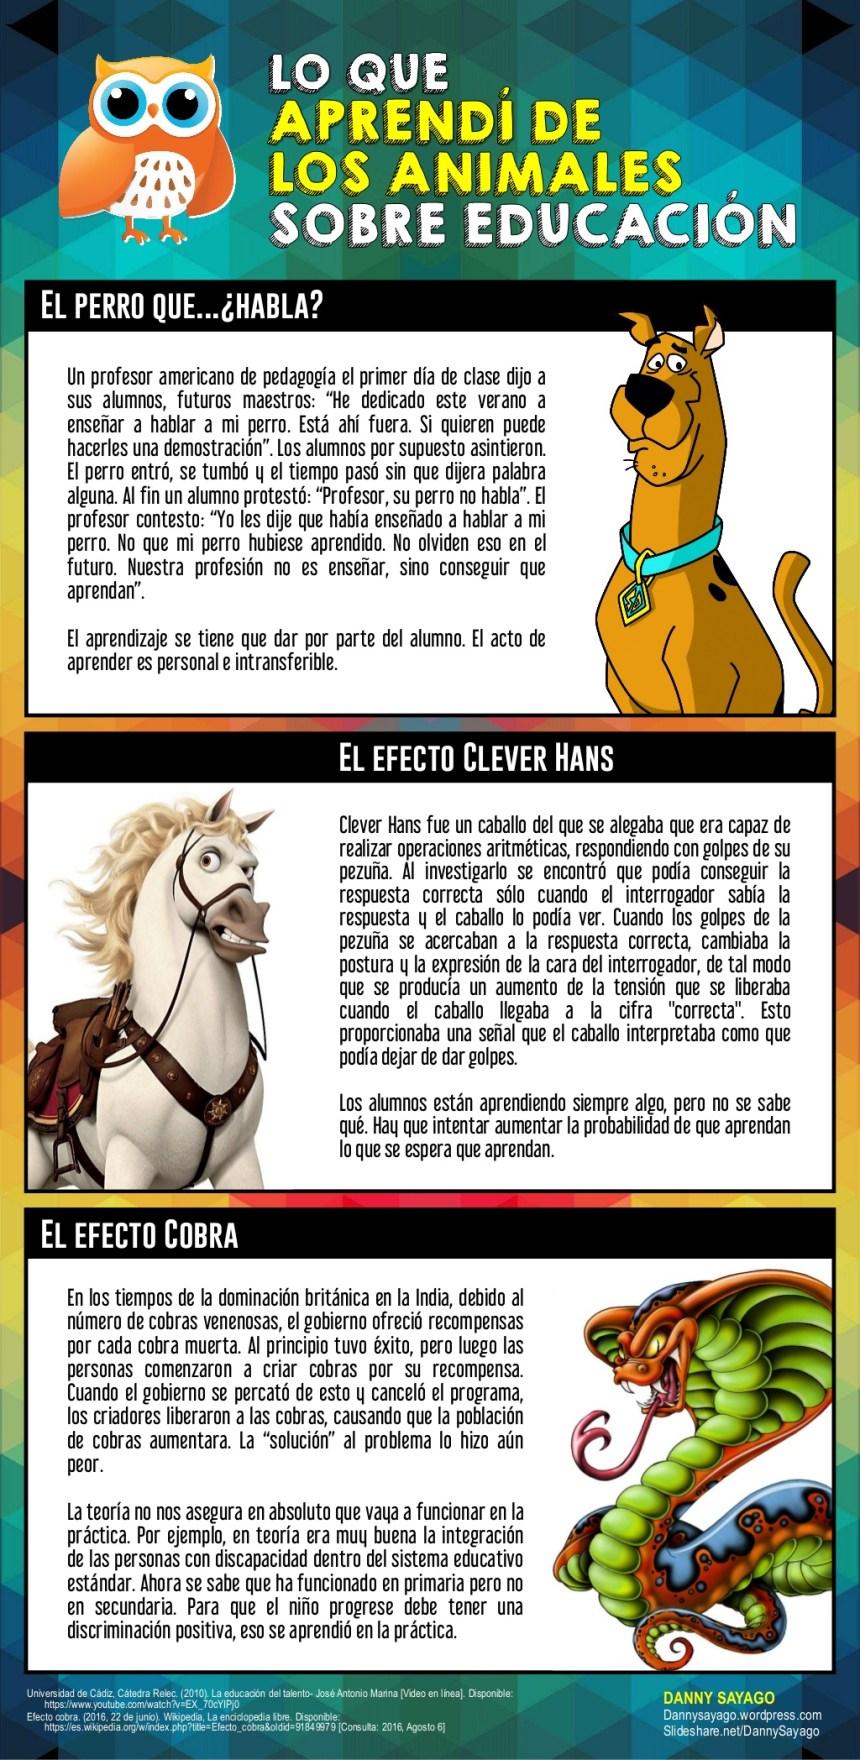 Lo que aprendí de los animales sobre Educación